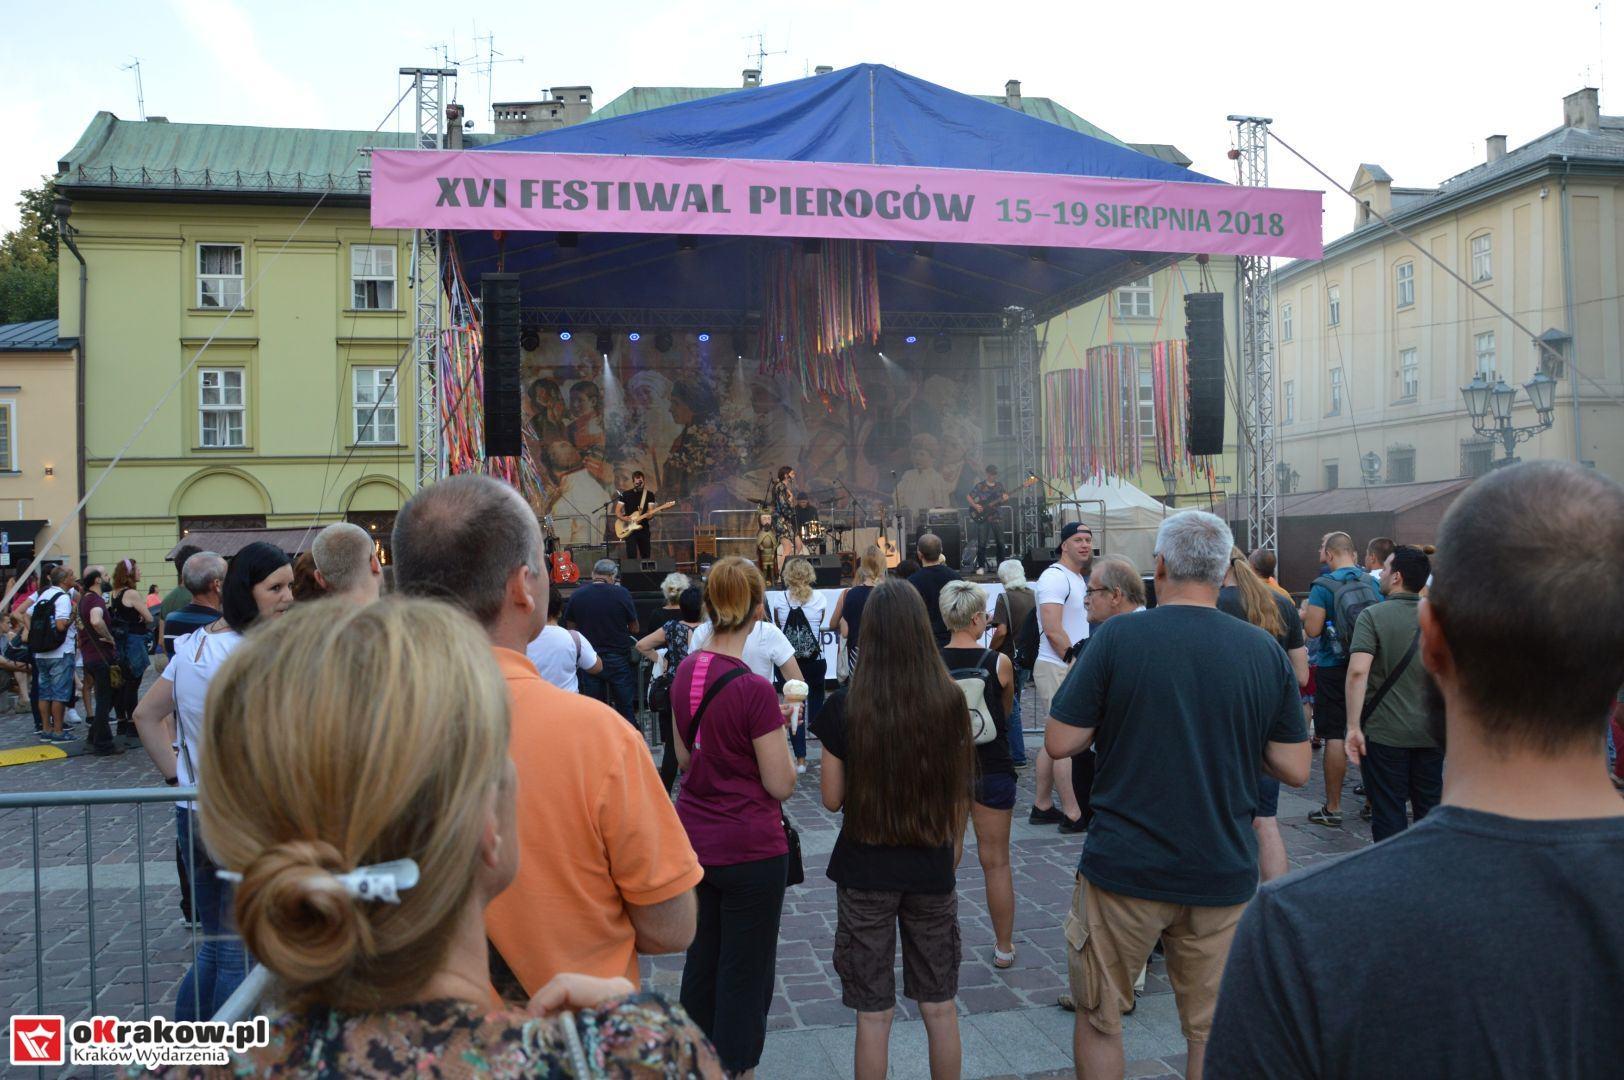 krakow festiwal pierogow maly rynek koncert cheap tobacco 118 150x150 - Galeria zdjęć Festiwal Pierogów Kraków 2018 + zdjęcia z koncertu Cheap Tobacco